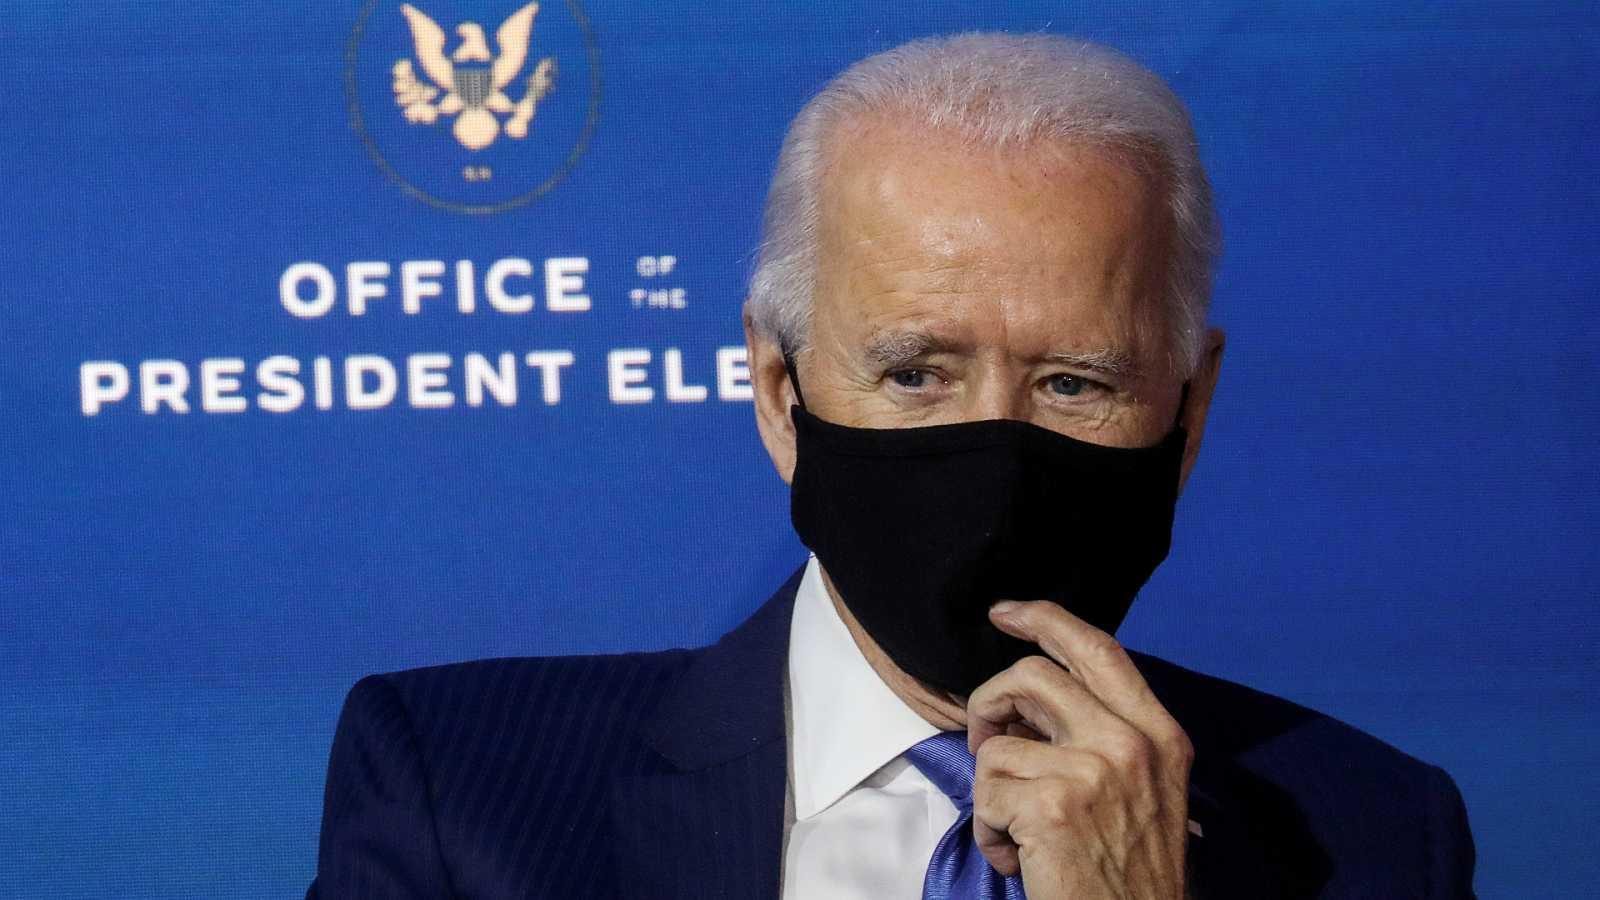 Las mañanas de RNE con Íñigo Alfonso - Biden pedirá a los estadounidenses que lleven mascarilla durante sus primeros 100 días como presidente - Escuchar ahora